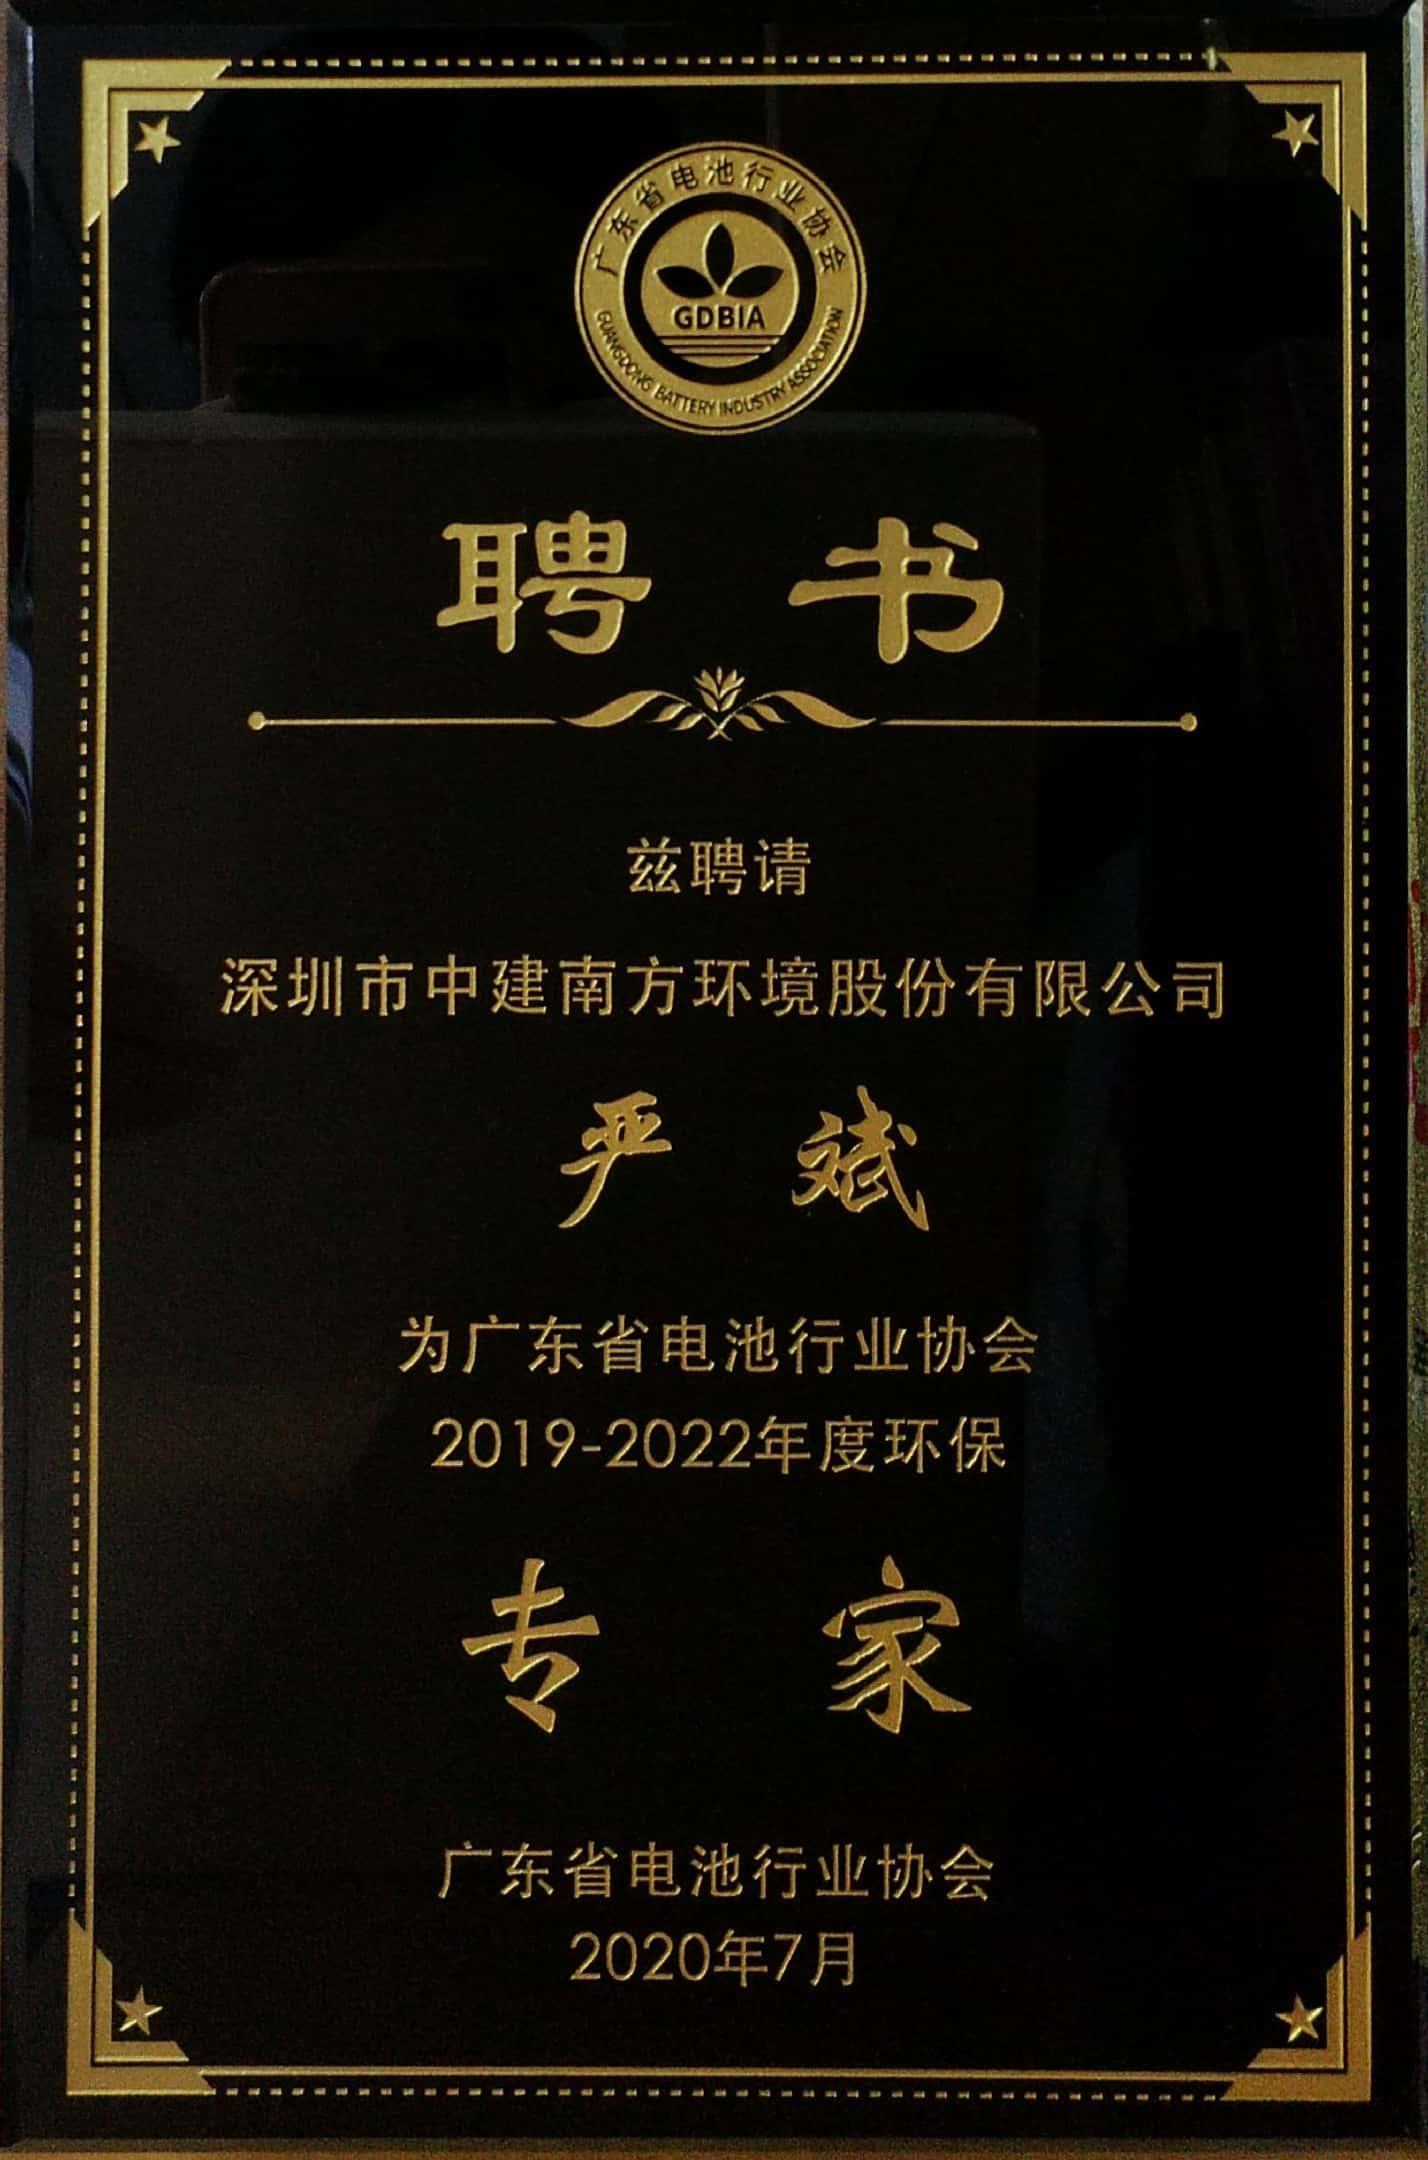 「喜讯」中建南方董事长严斌先生受聘广东省电池行业协会2019-2022年度环保专家